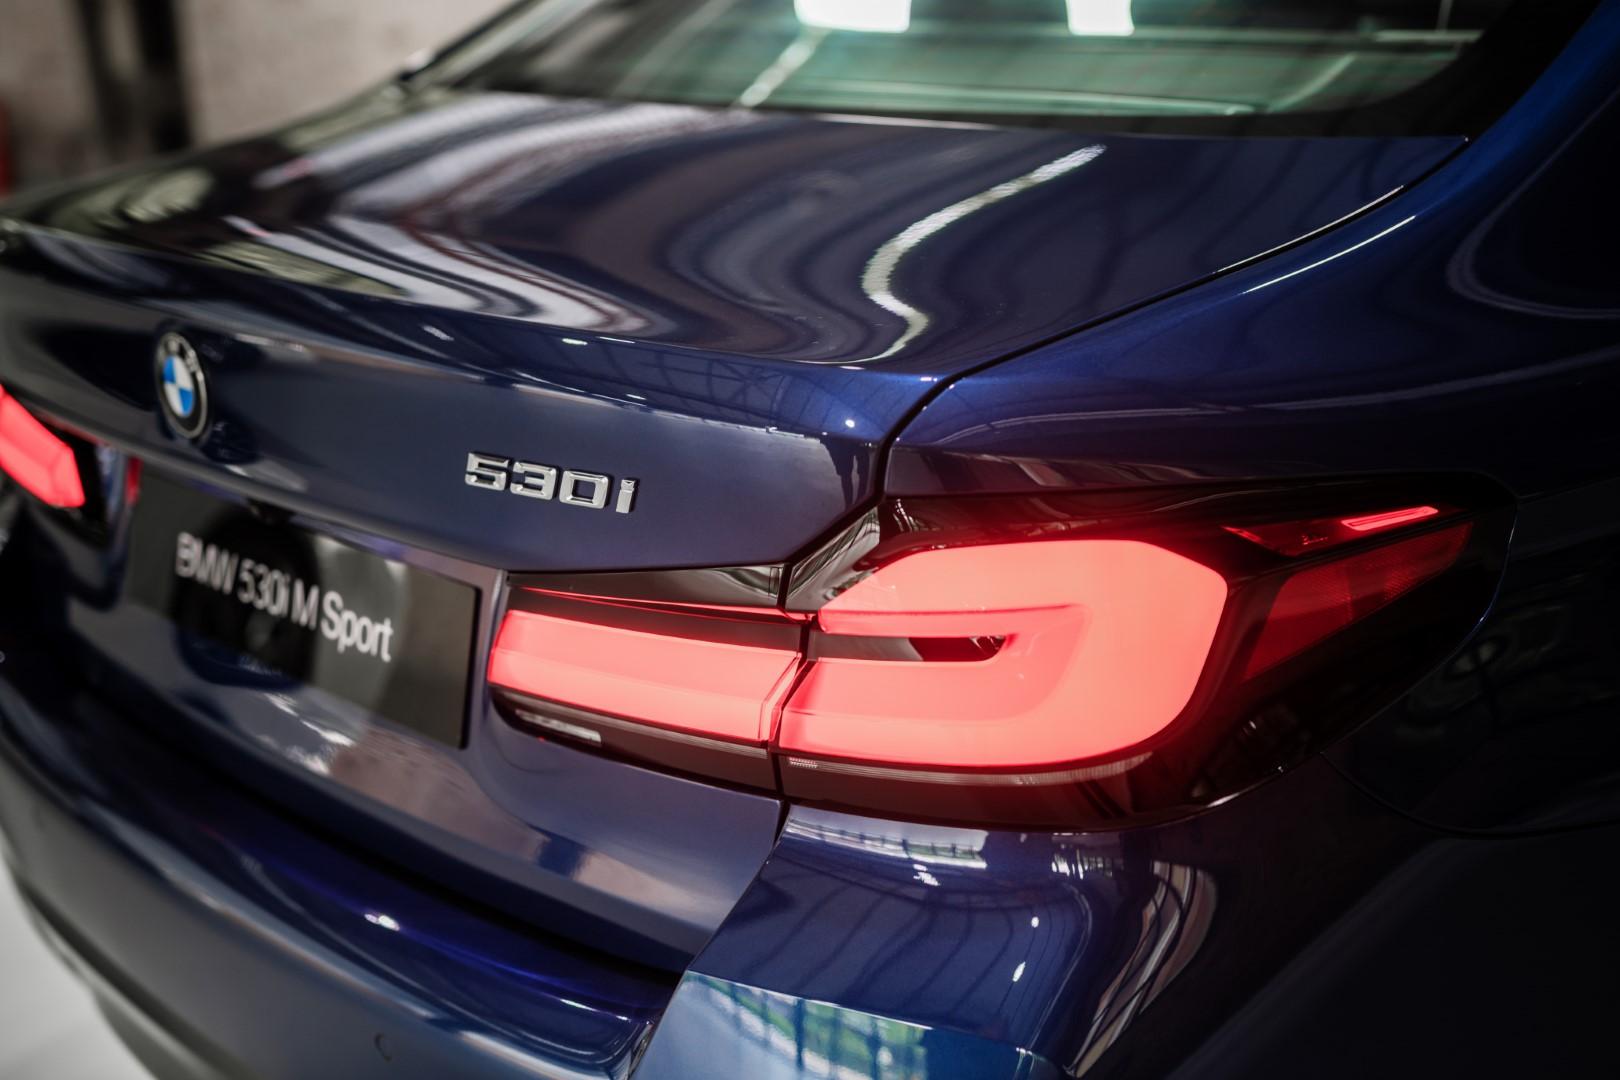 New BMW 5 Series 530i M sport